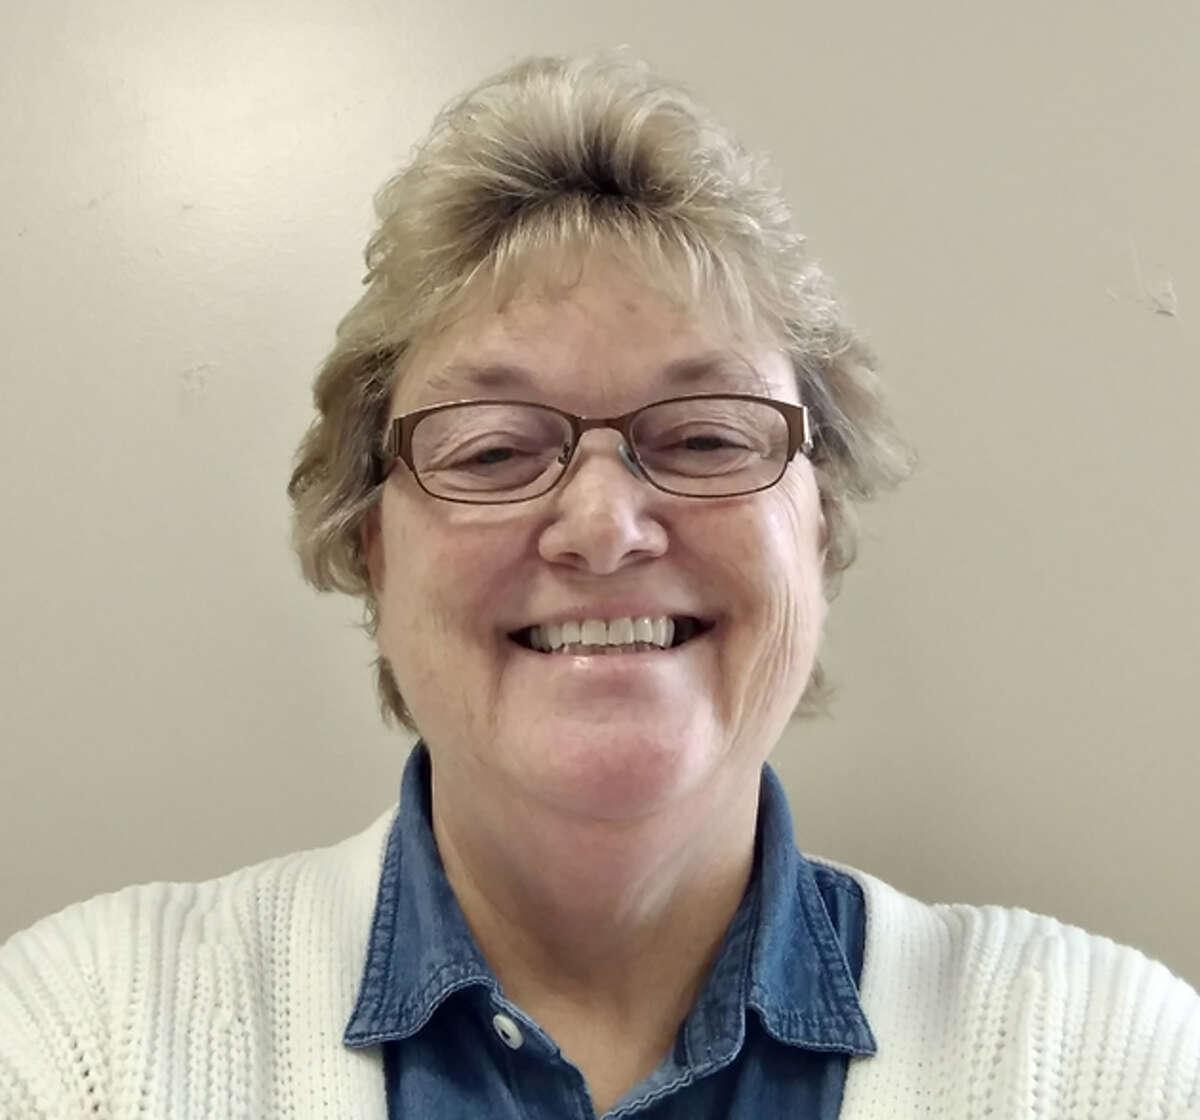 Lisa Buhlig